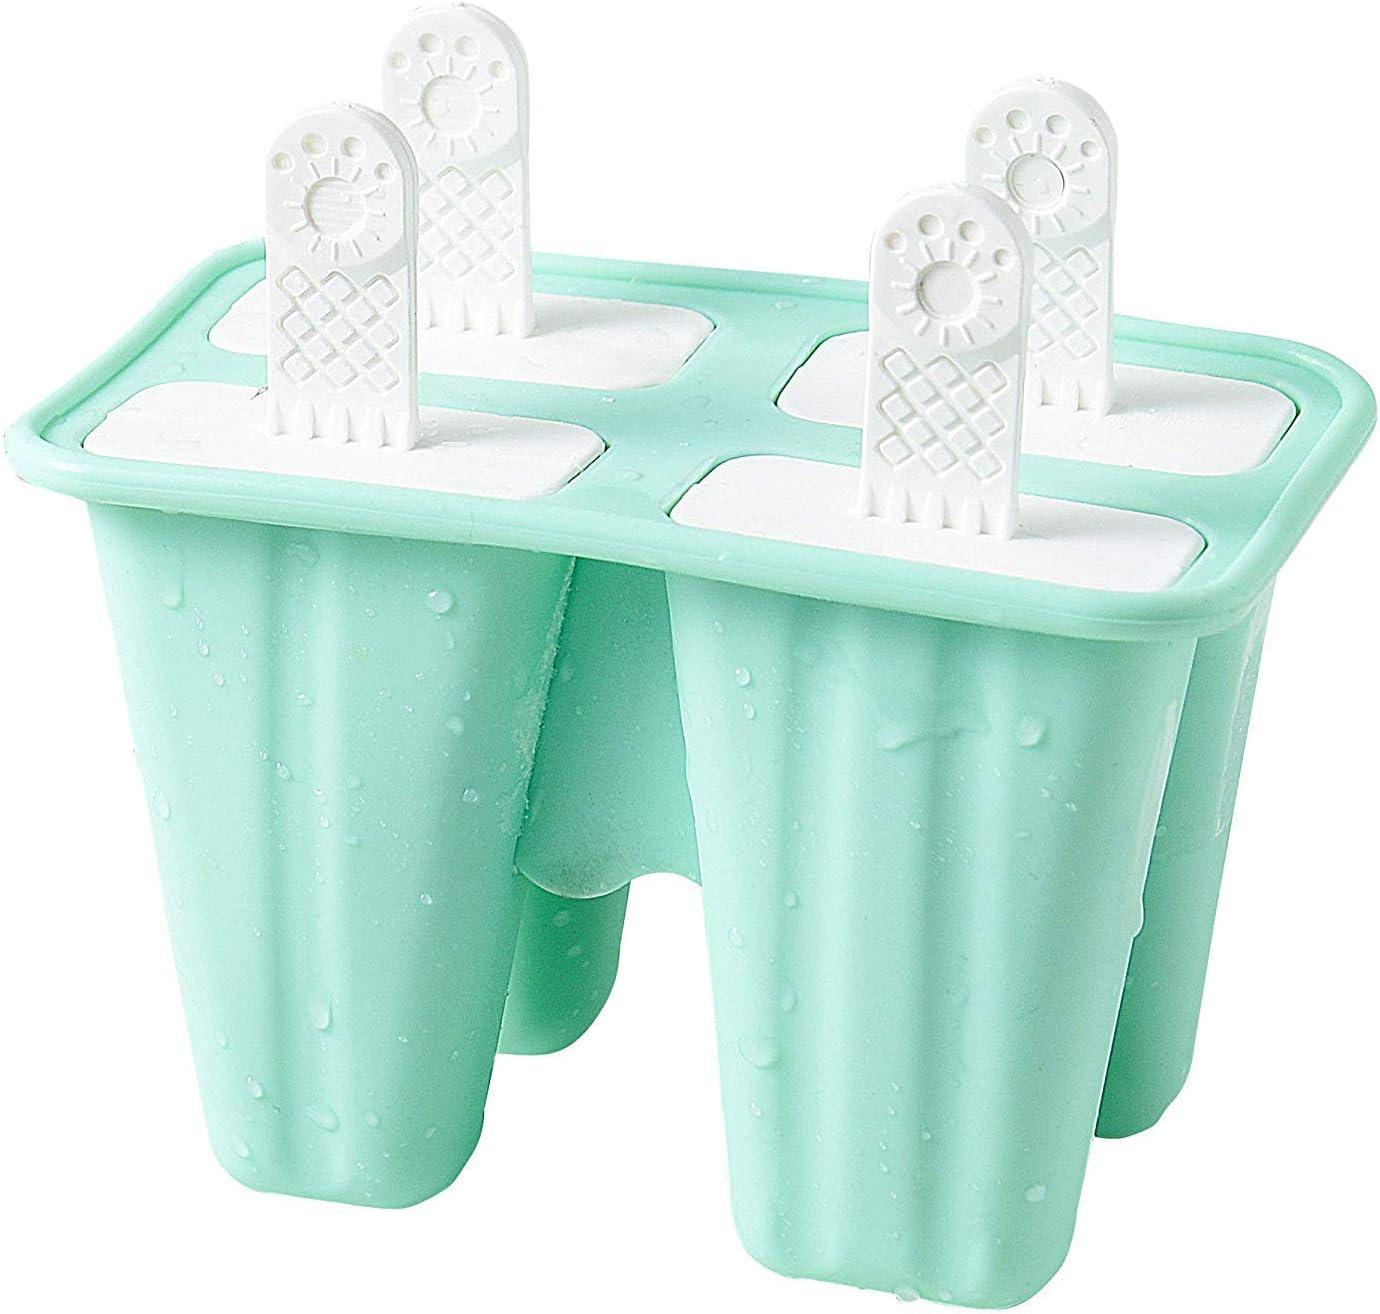 senza BPA per ghiaccioli IINDES in silicone Stampi per ghiaccioli per bambini con pennello e imbuto pieghevole in silicone